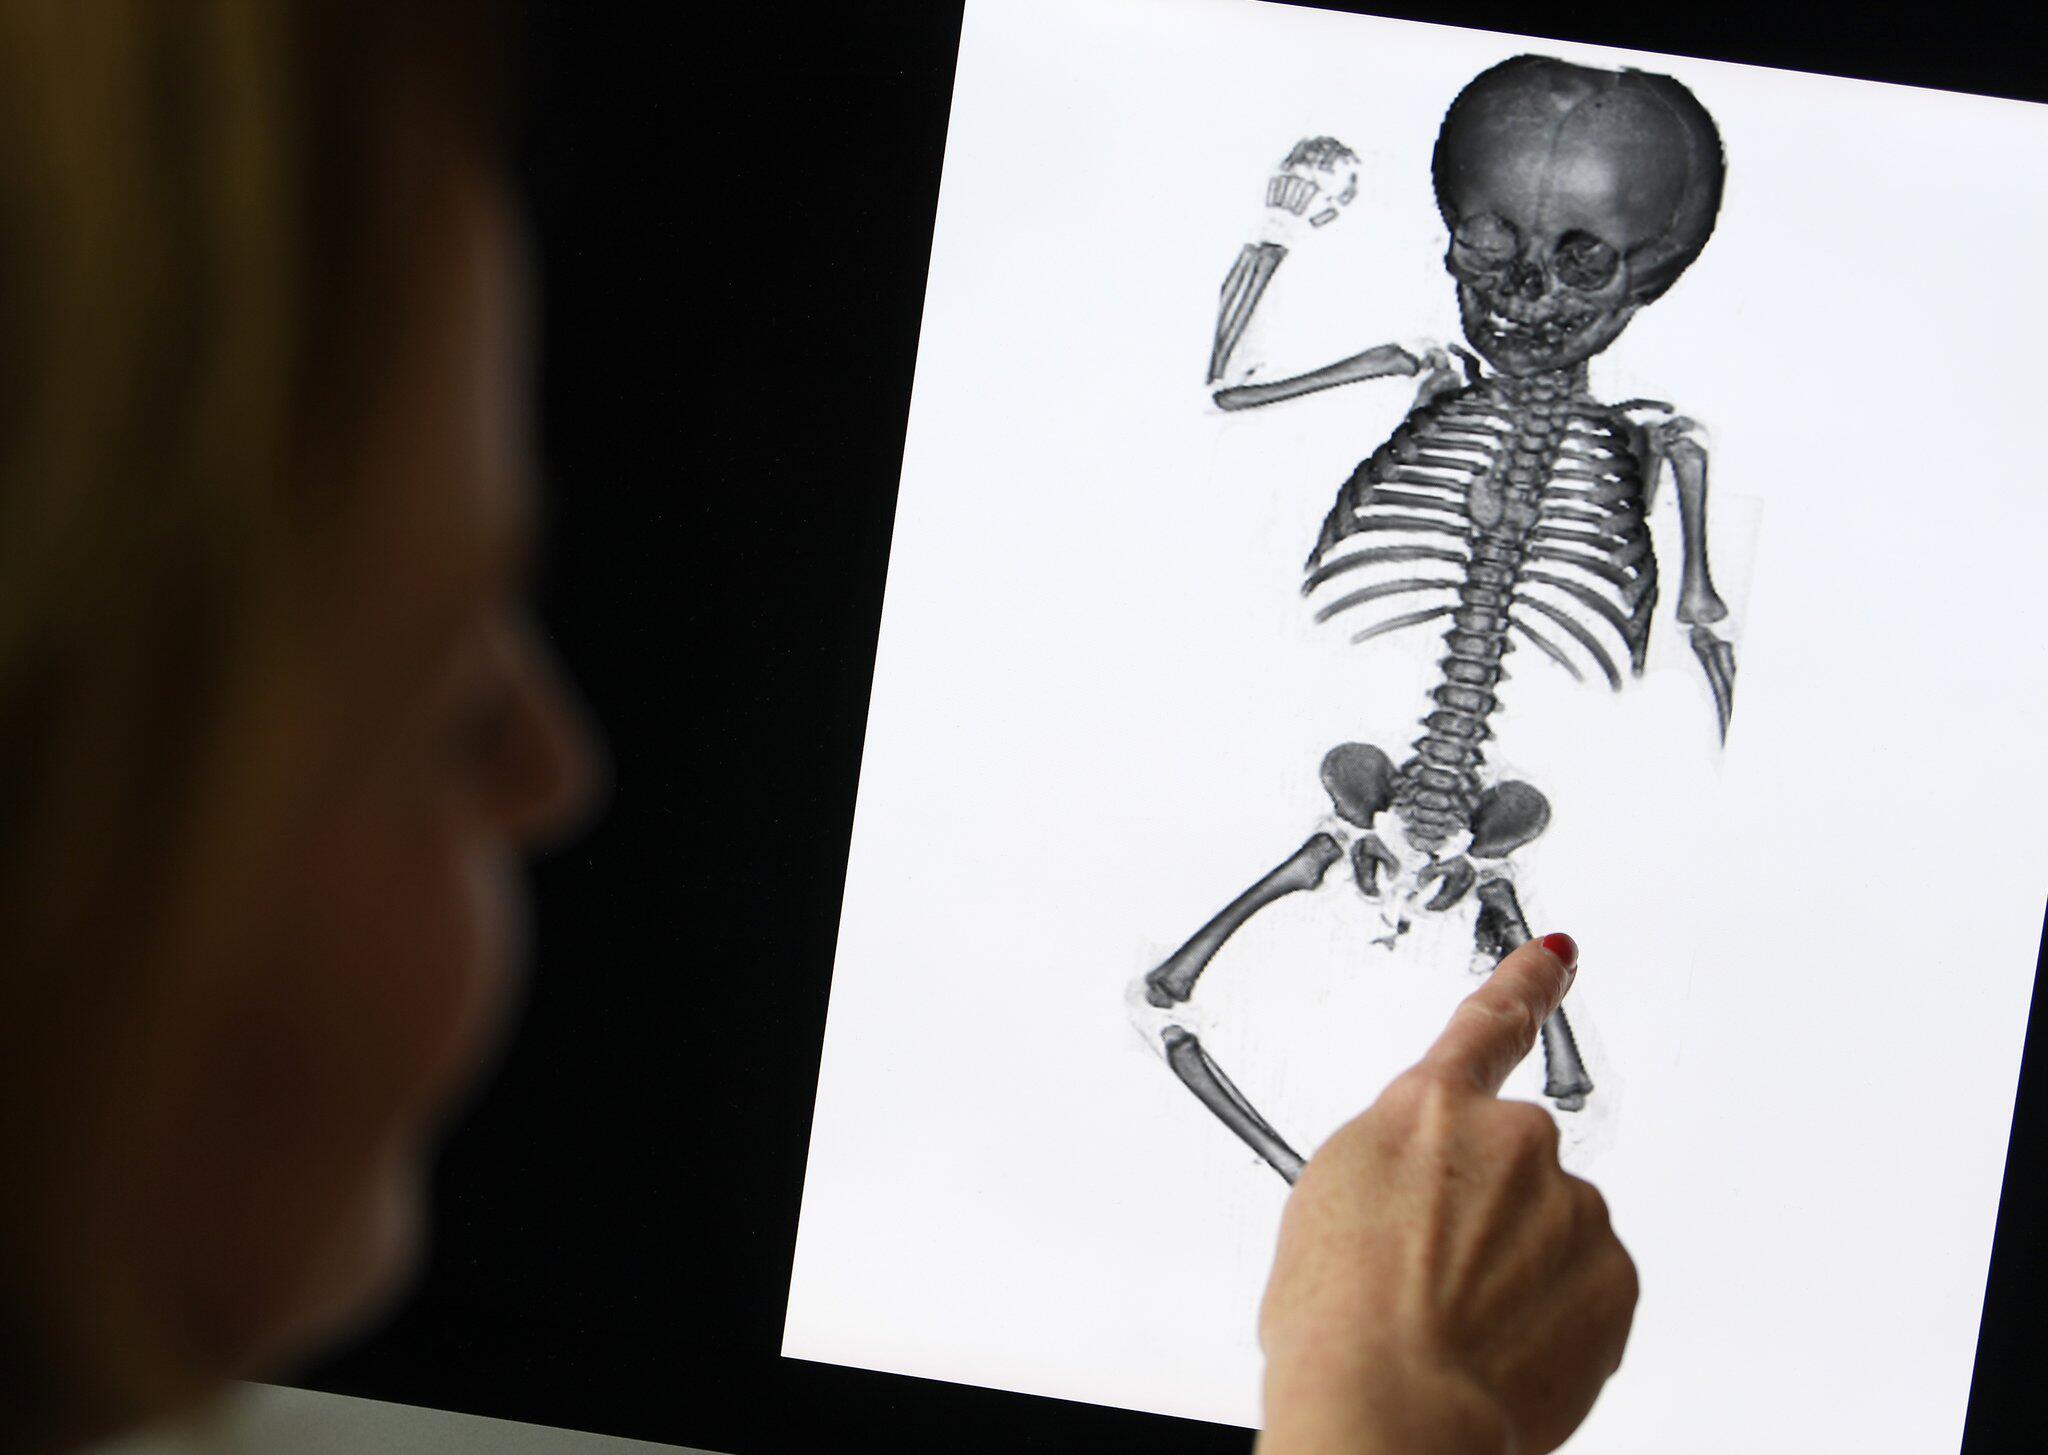 Letzte Ruhe für vergessene Kinder aus Anatomie | WEB.DE